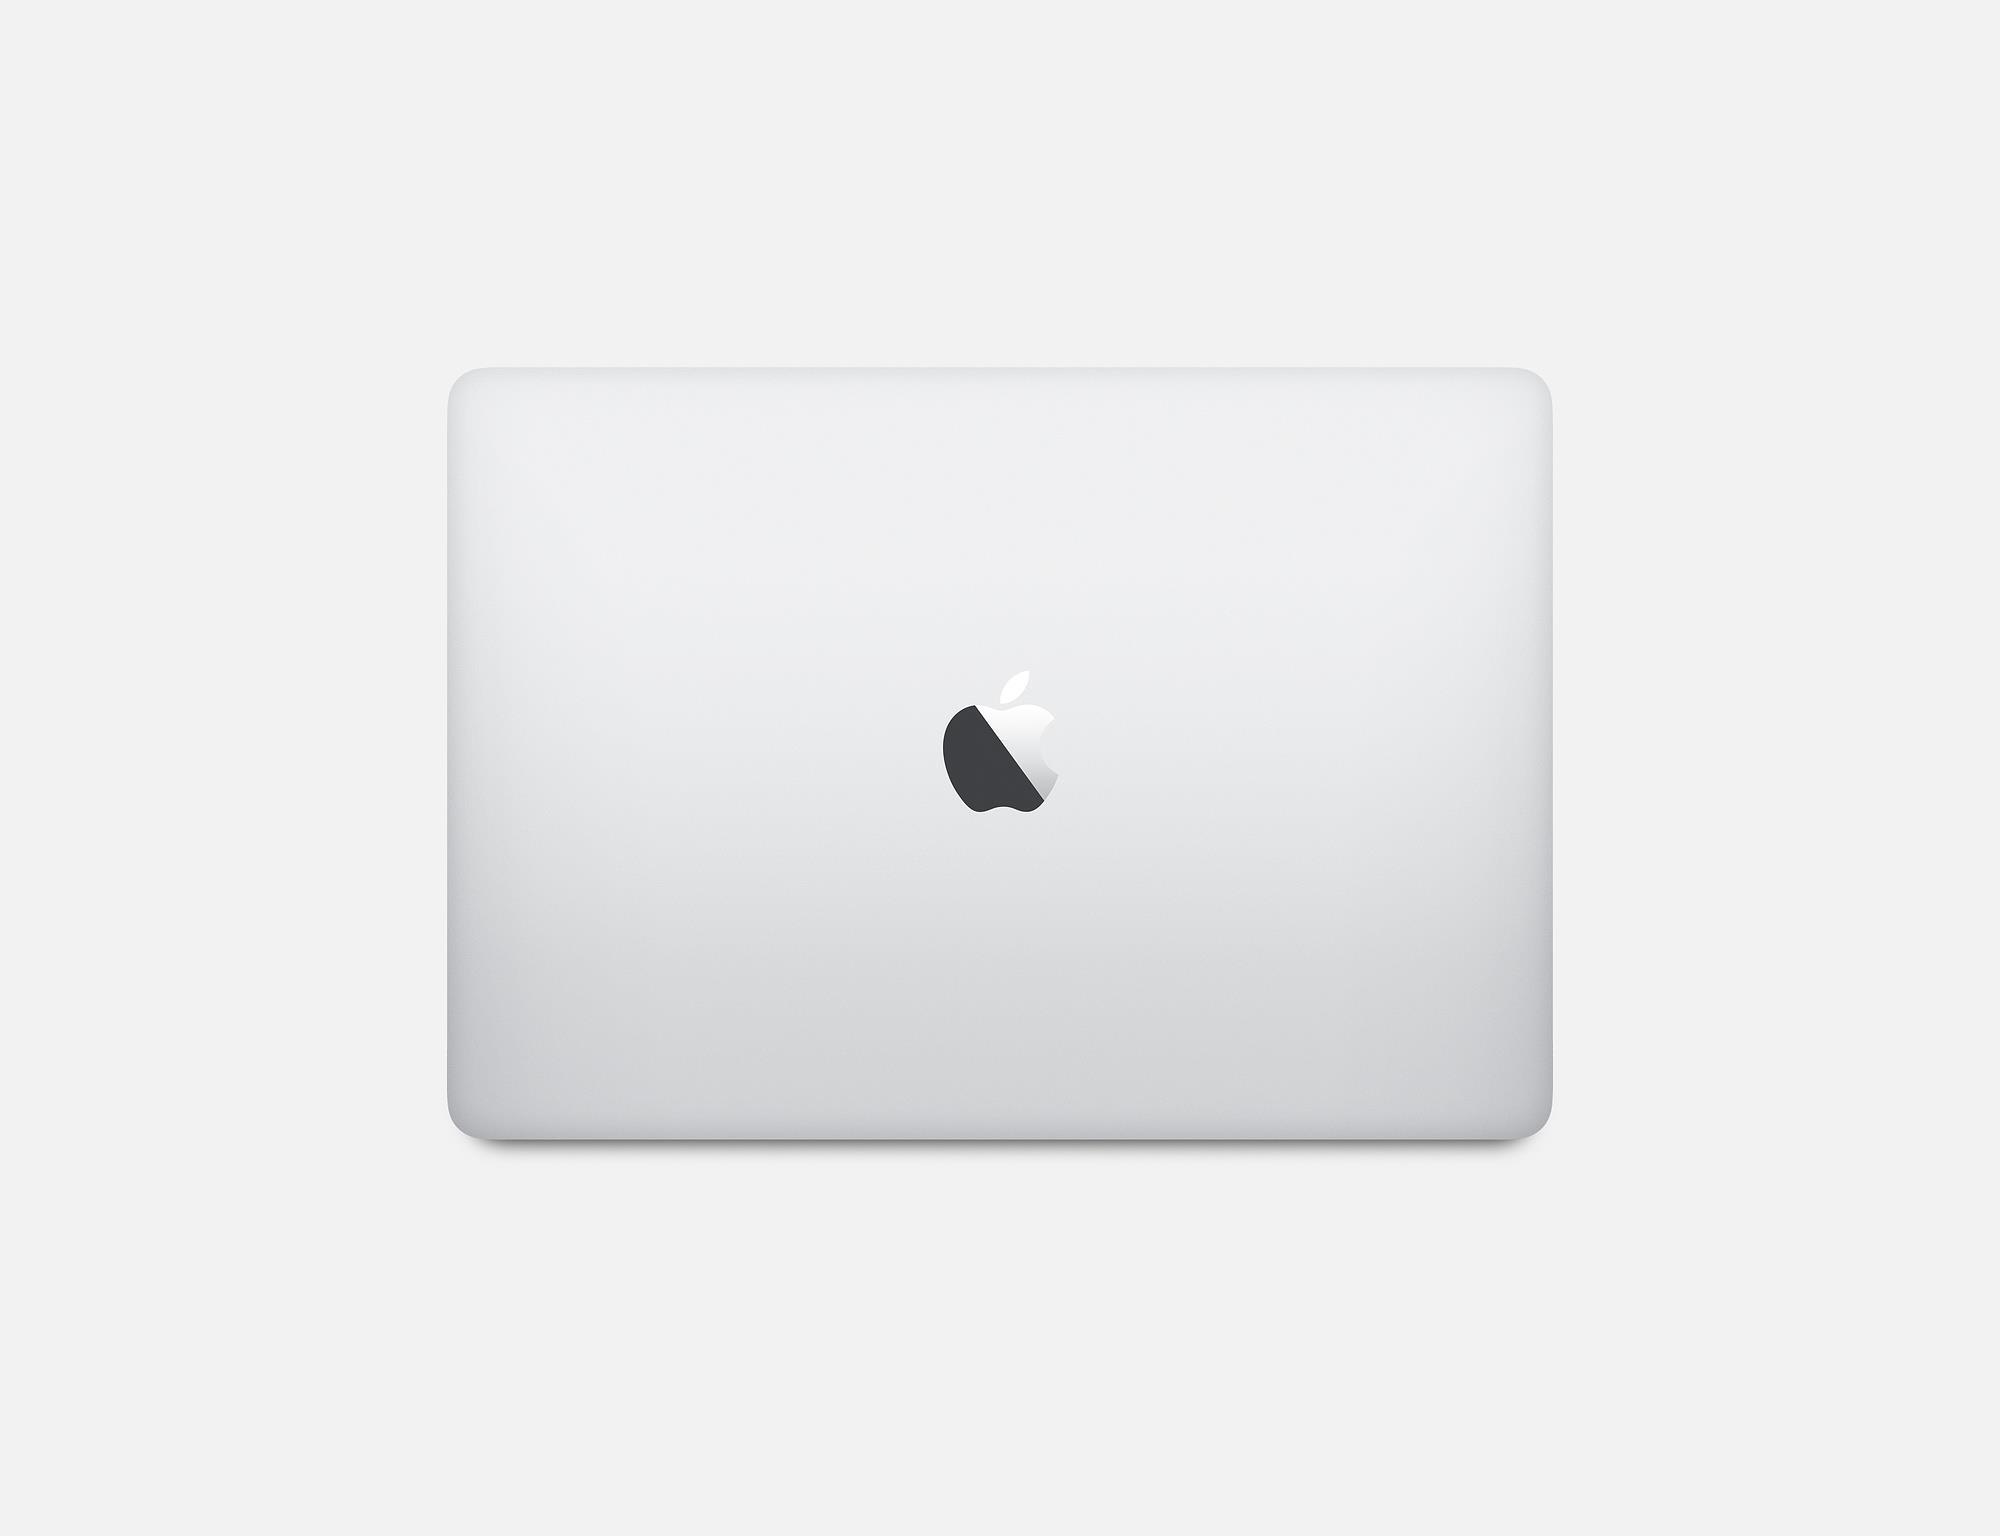 Prenosni računalnik MACBOOK PRO 13TB/QC I5 SI 2.4GHZ/8GB/256GB/CRO